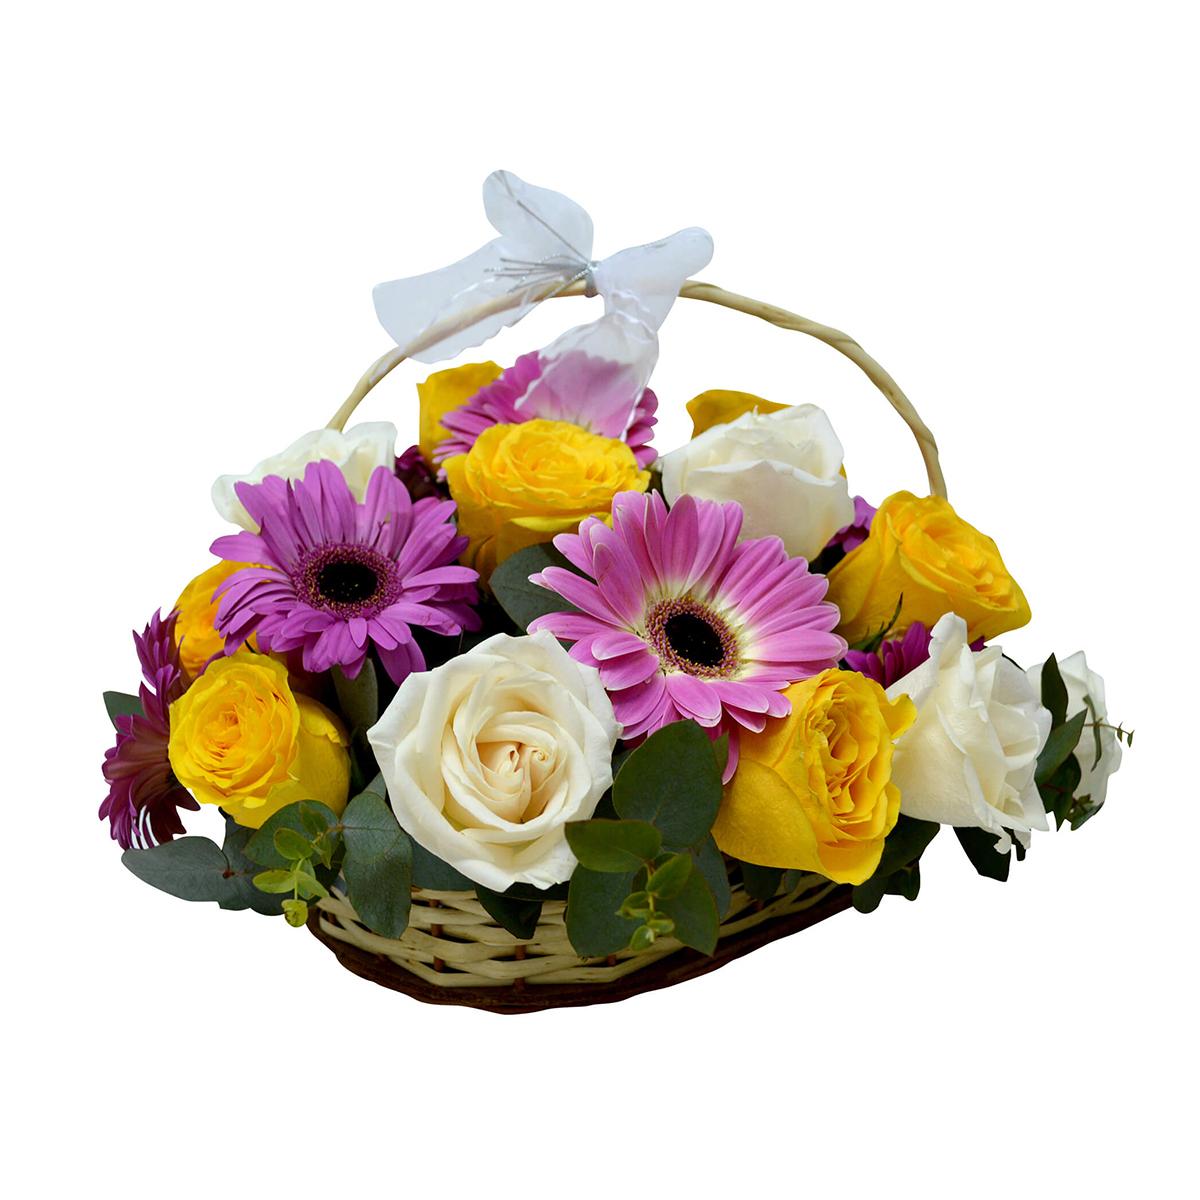 Canastillos con Gerberas, Rosas Blancas y Amarillas